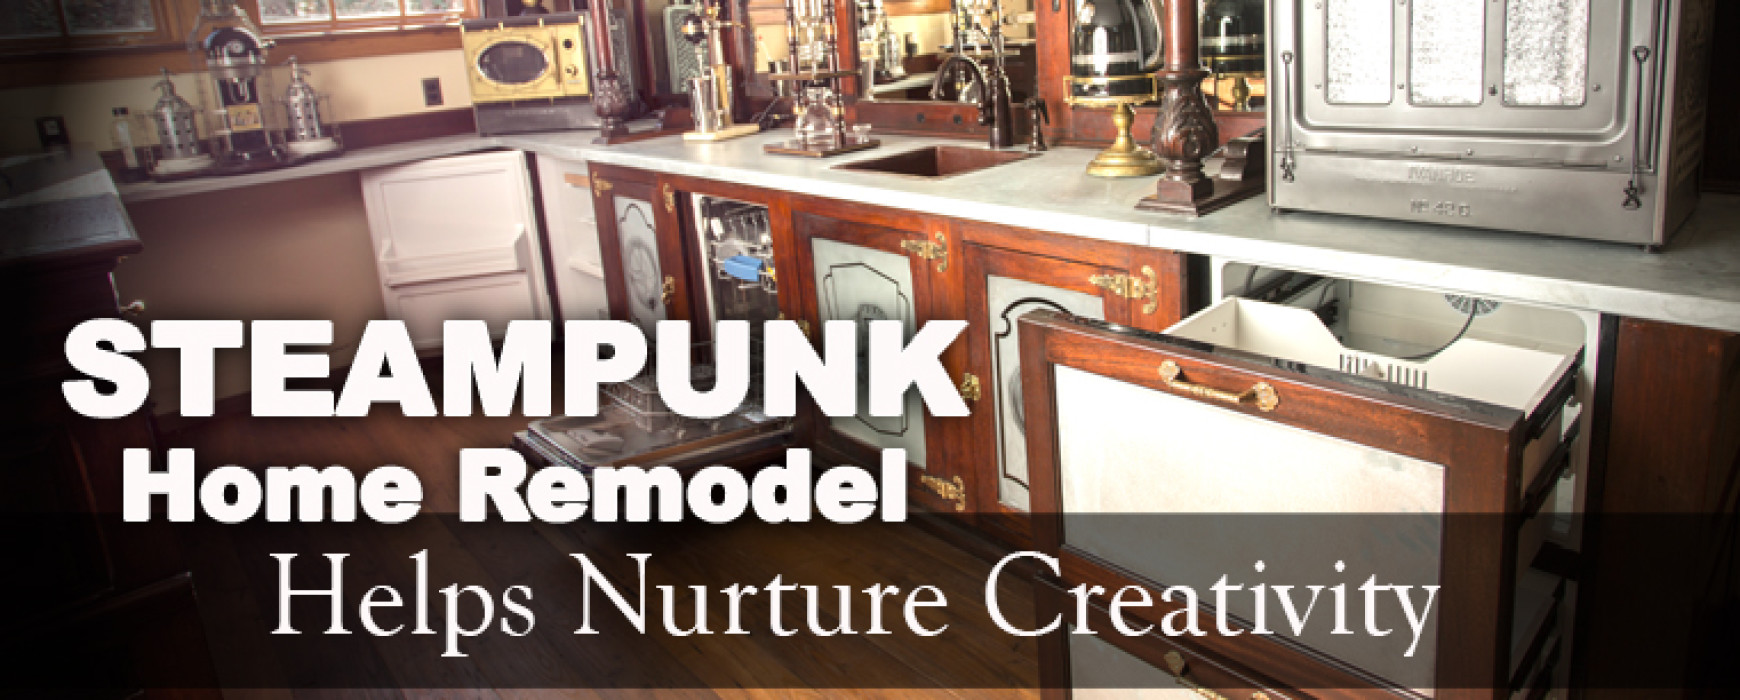 Steampunk Home Remodel Helps Nurture Creativity